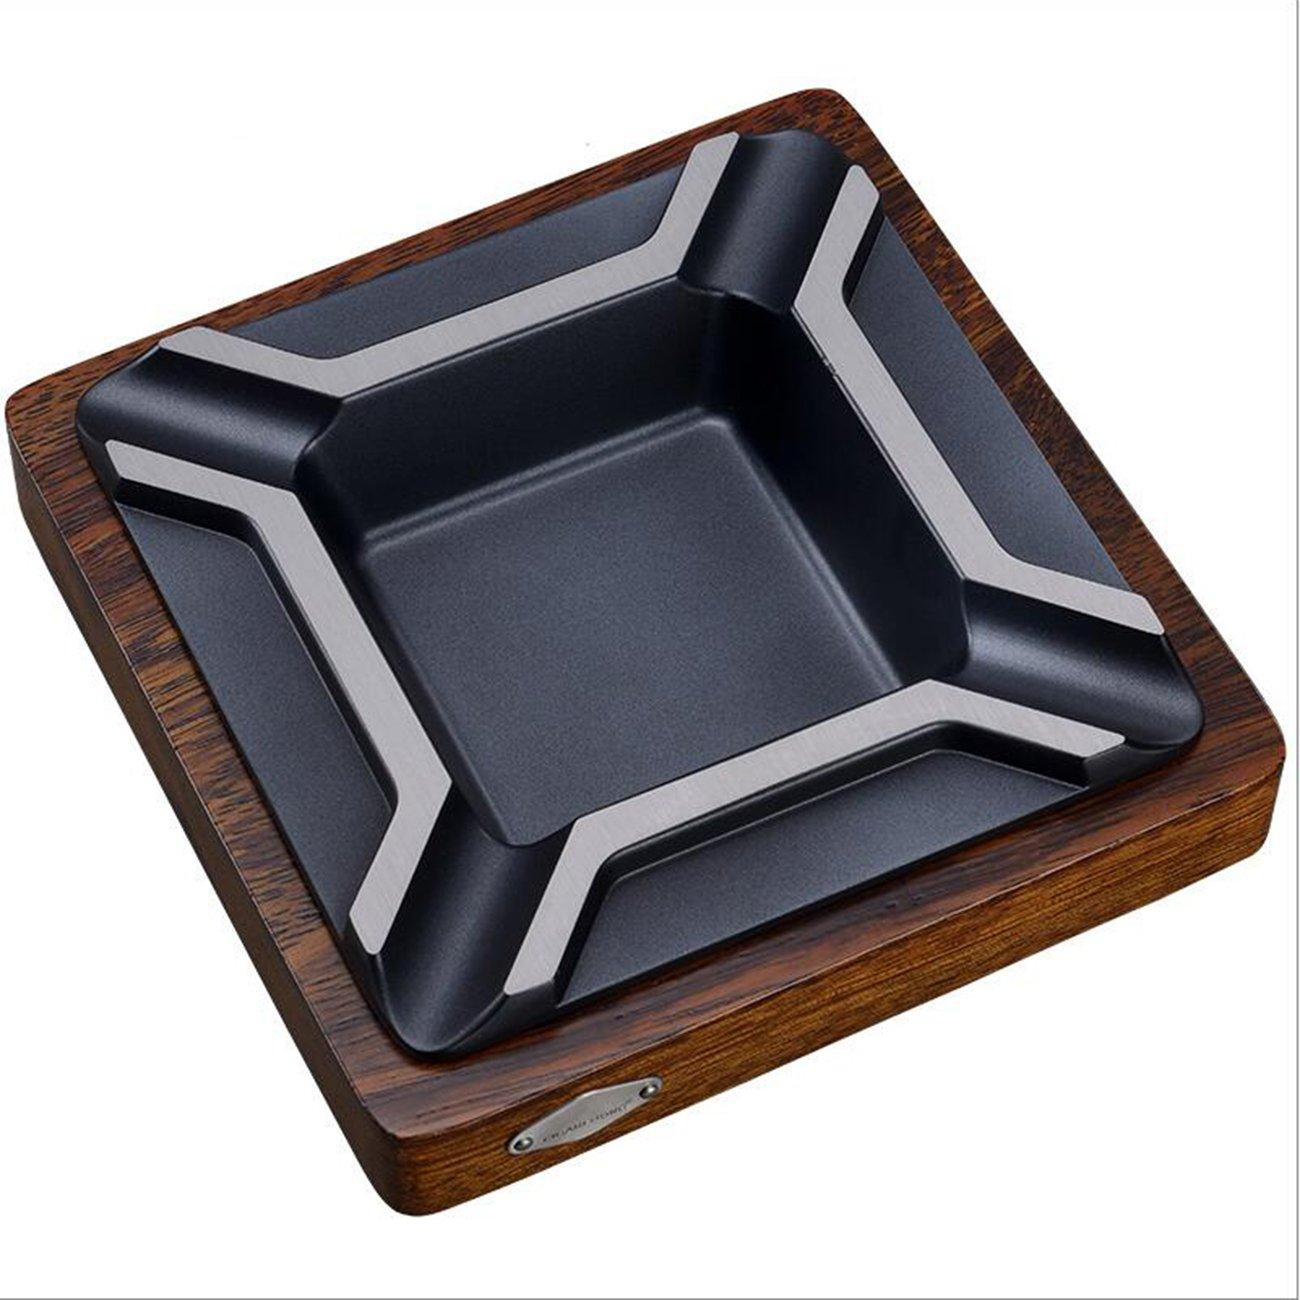 QMPZG Posacenere per sigari. Posacenere per sigari metallo grande legno massello, A